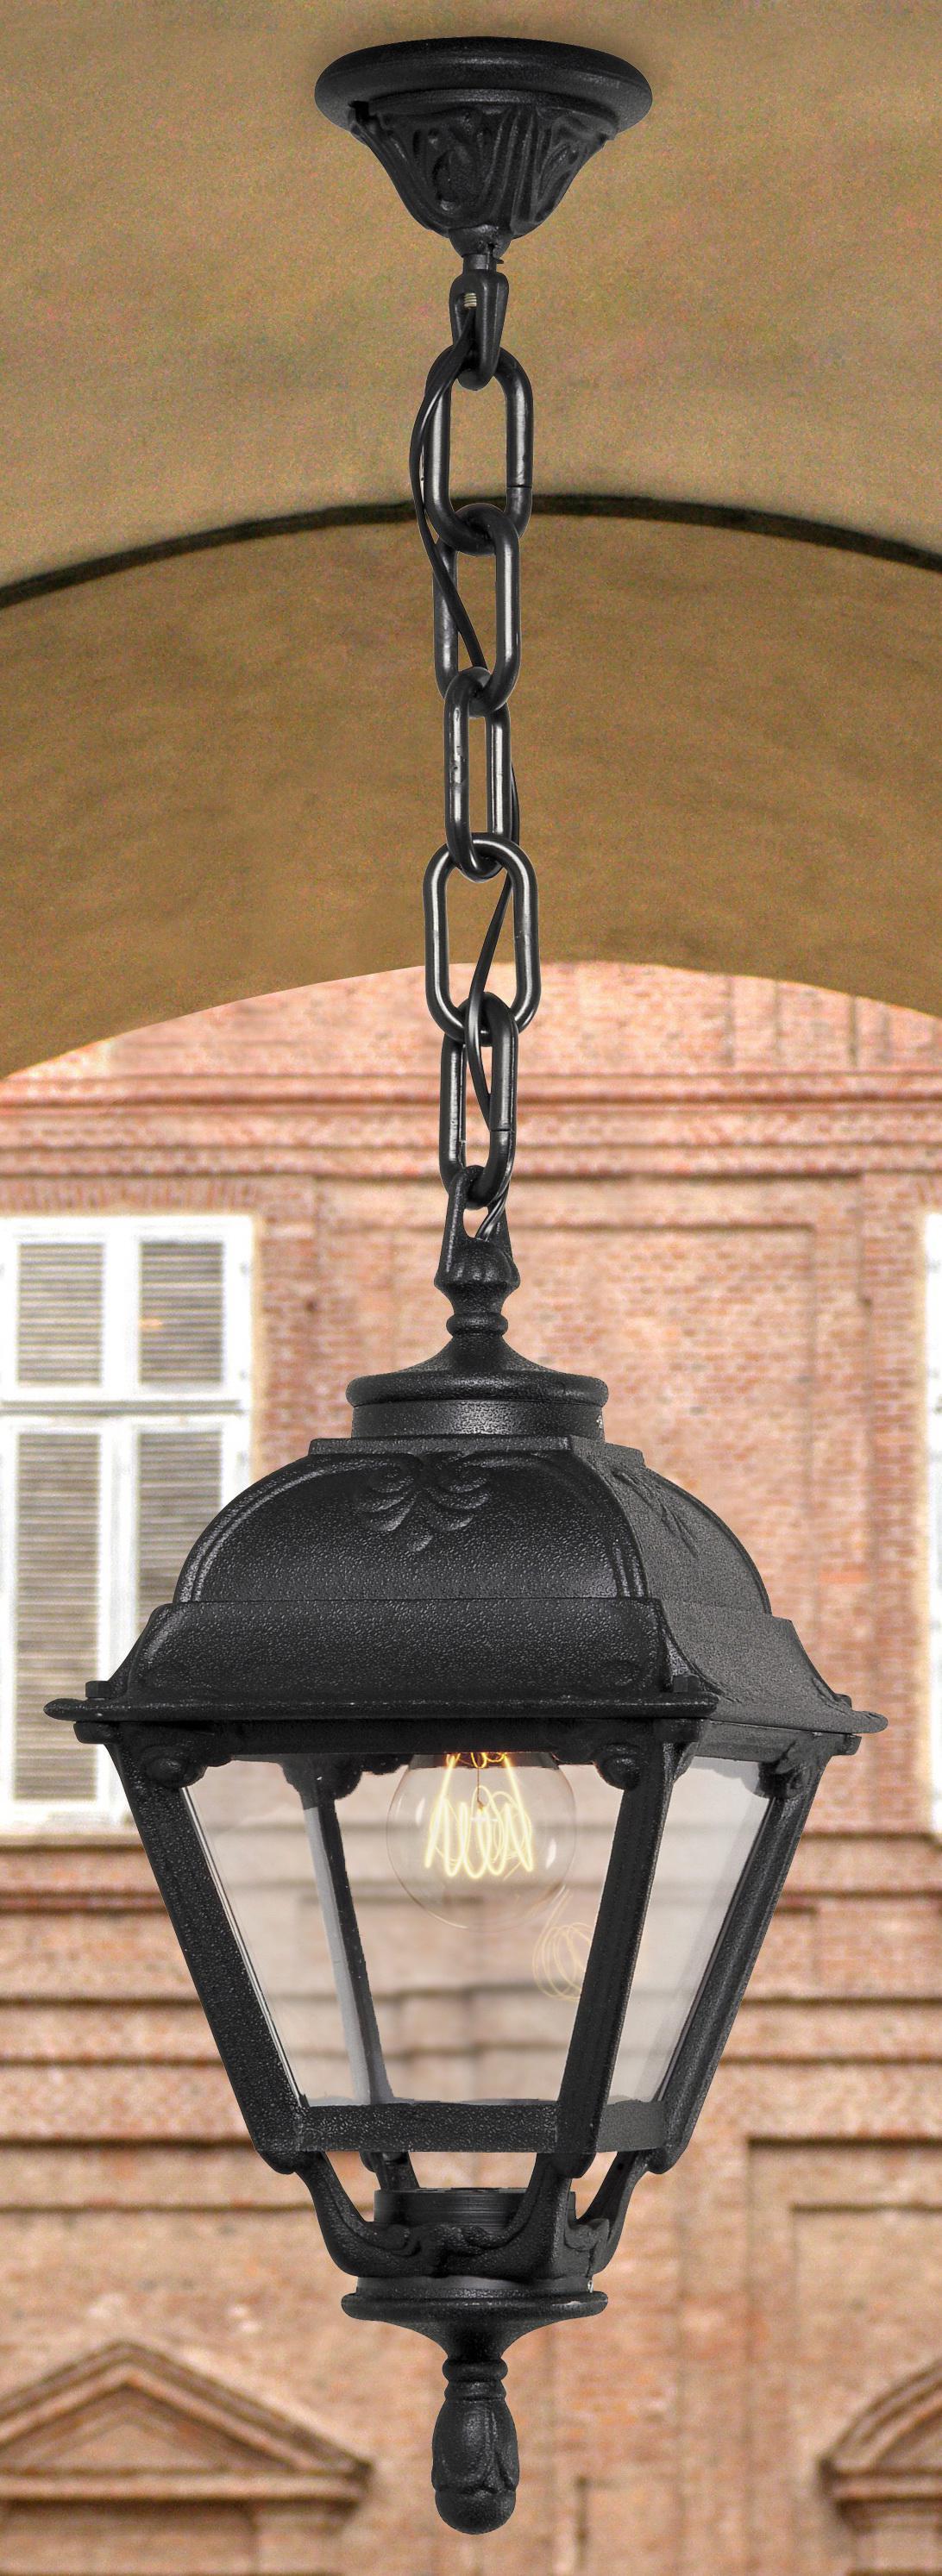 Светильник Fumagalli Cefa sichem, уличный, производство: Италия, черный прозрачный